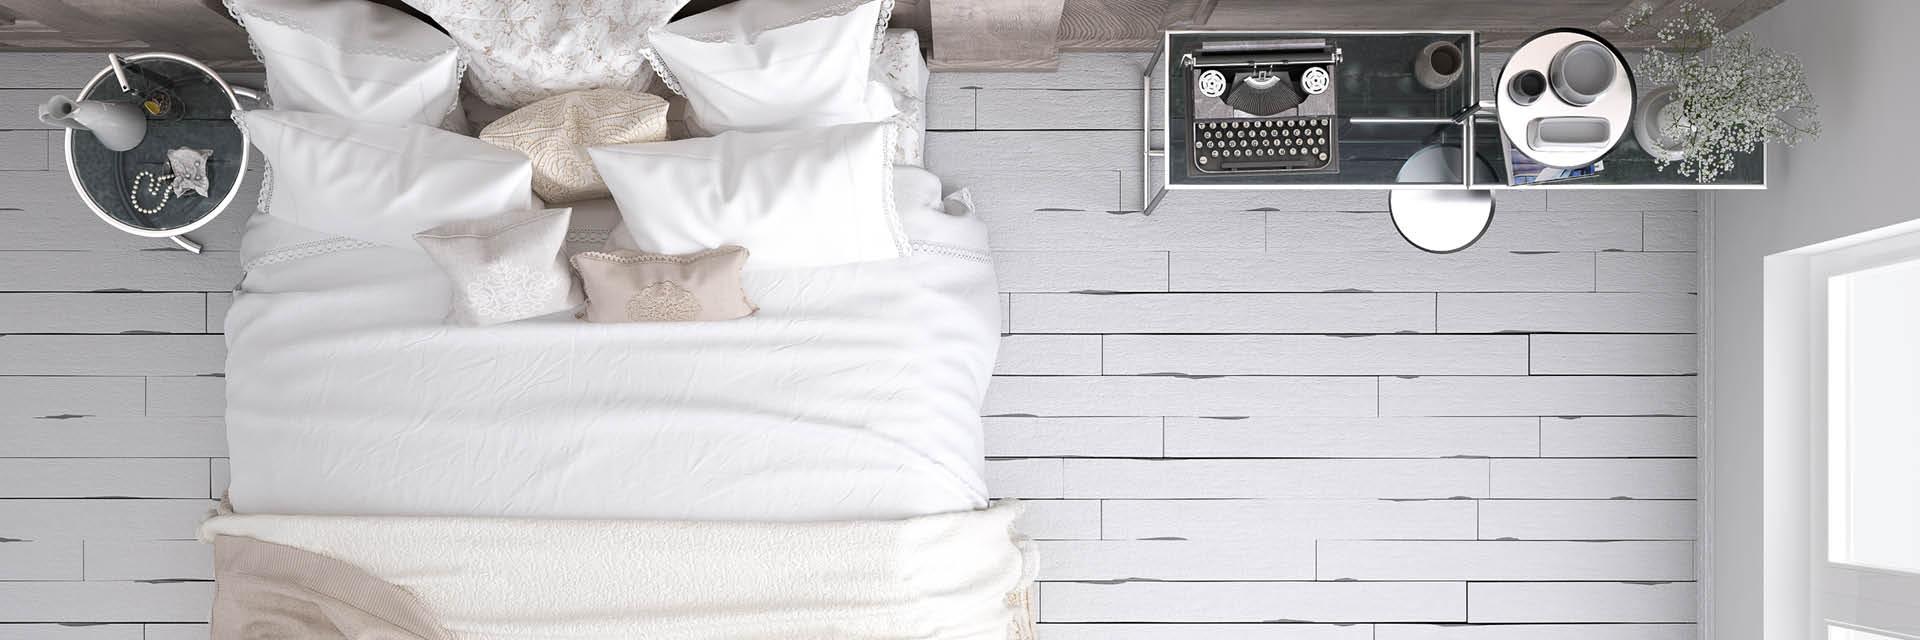 Schlafzimmer: Nachtlager - Rückzugsort